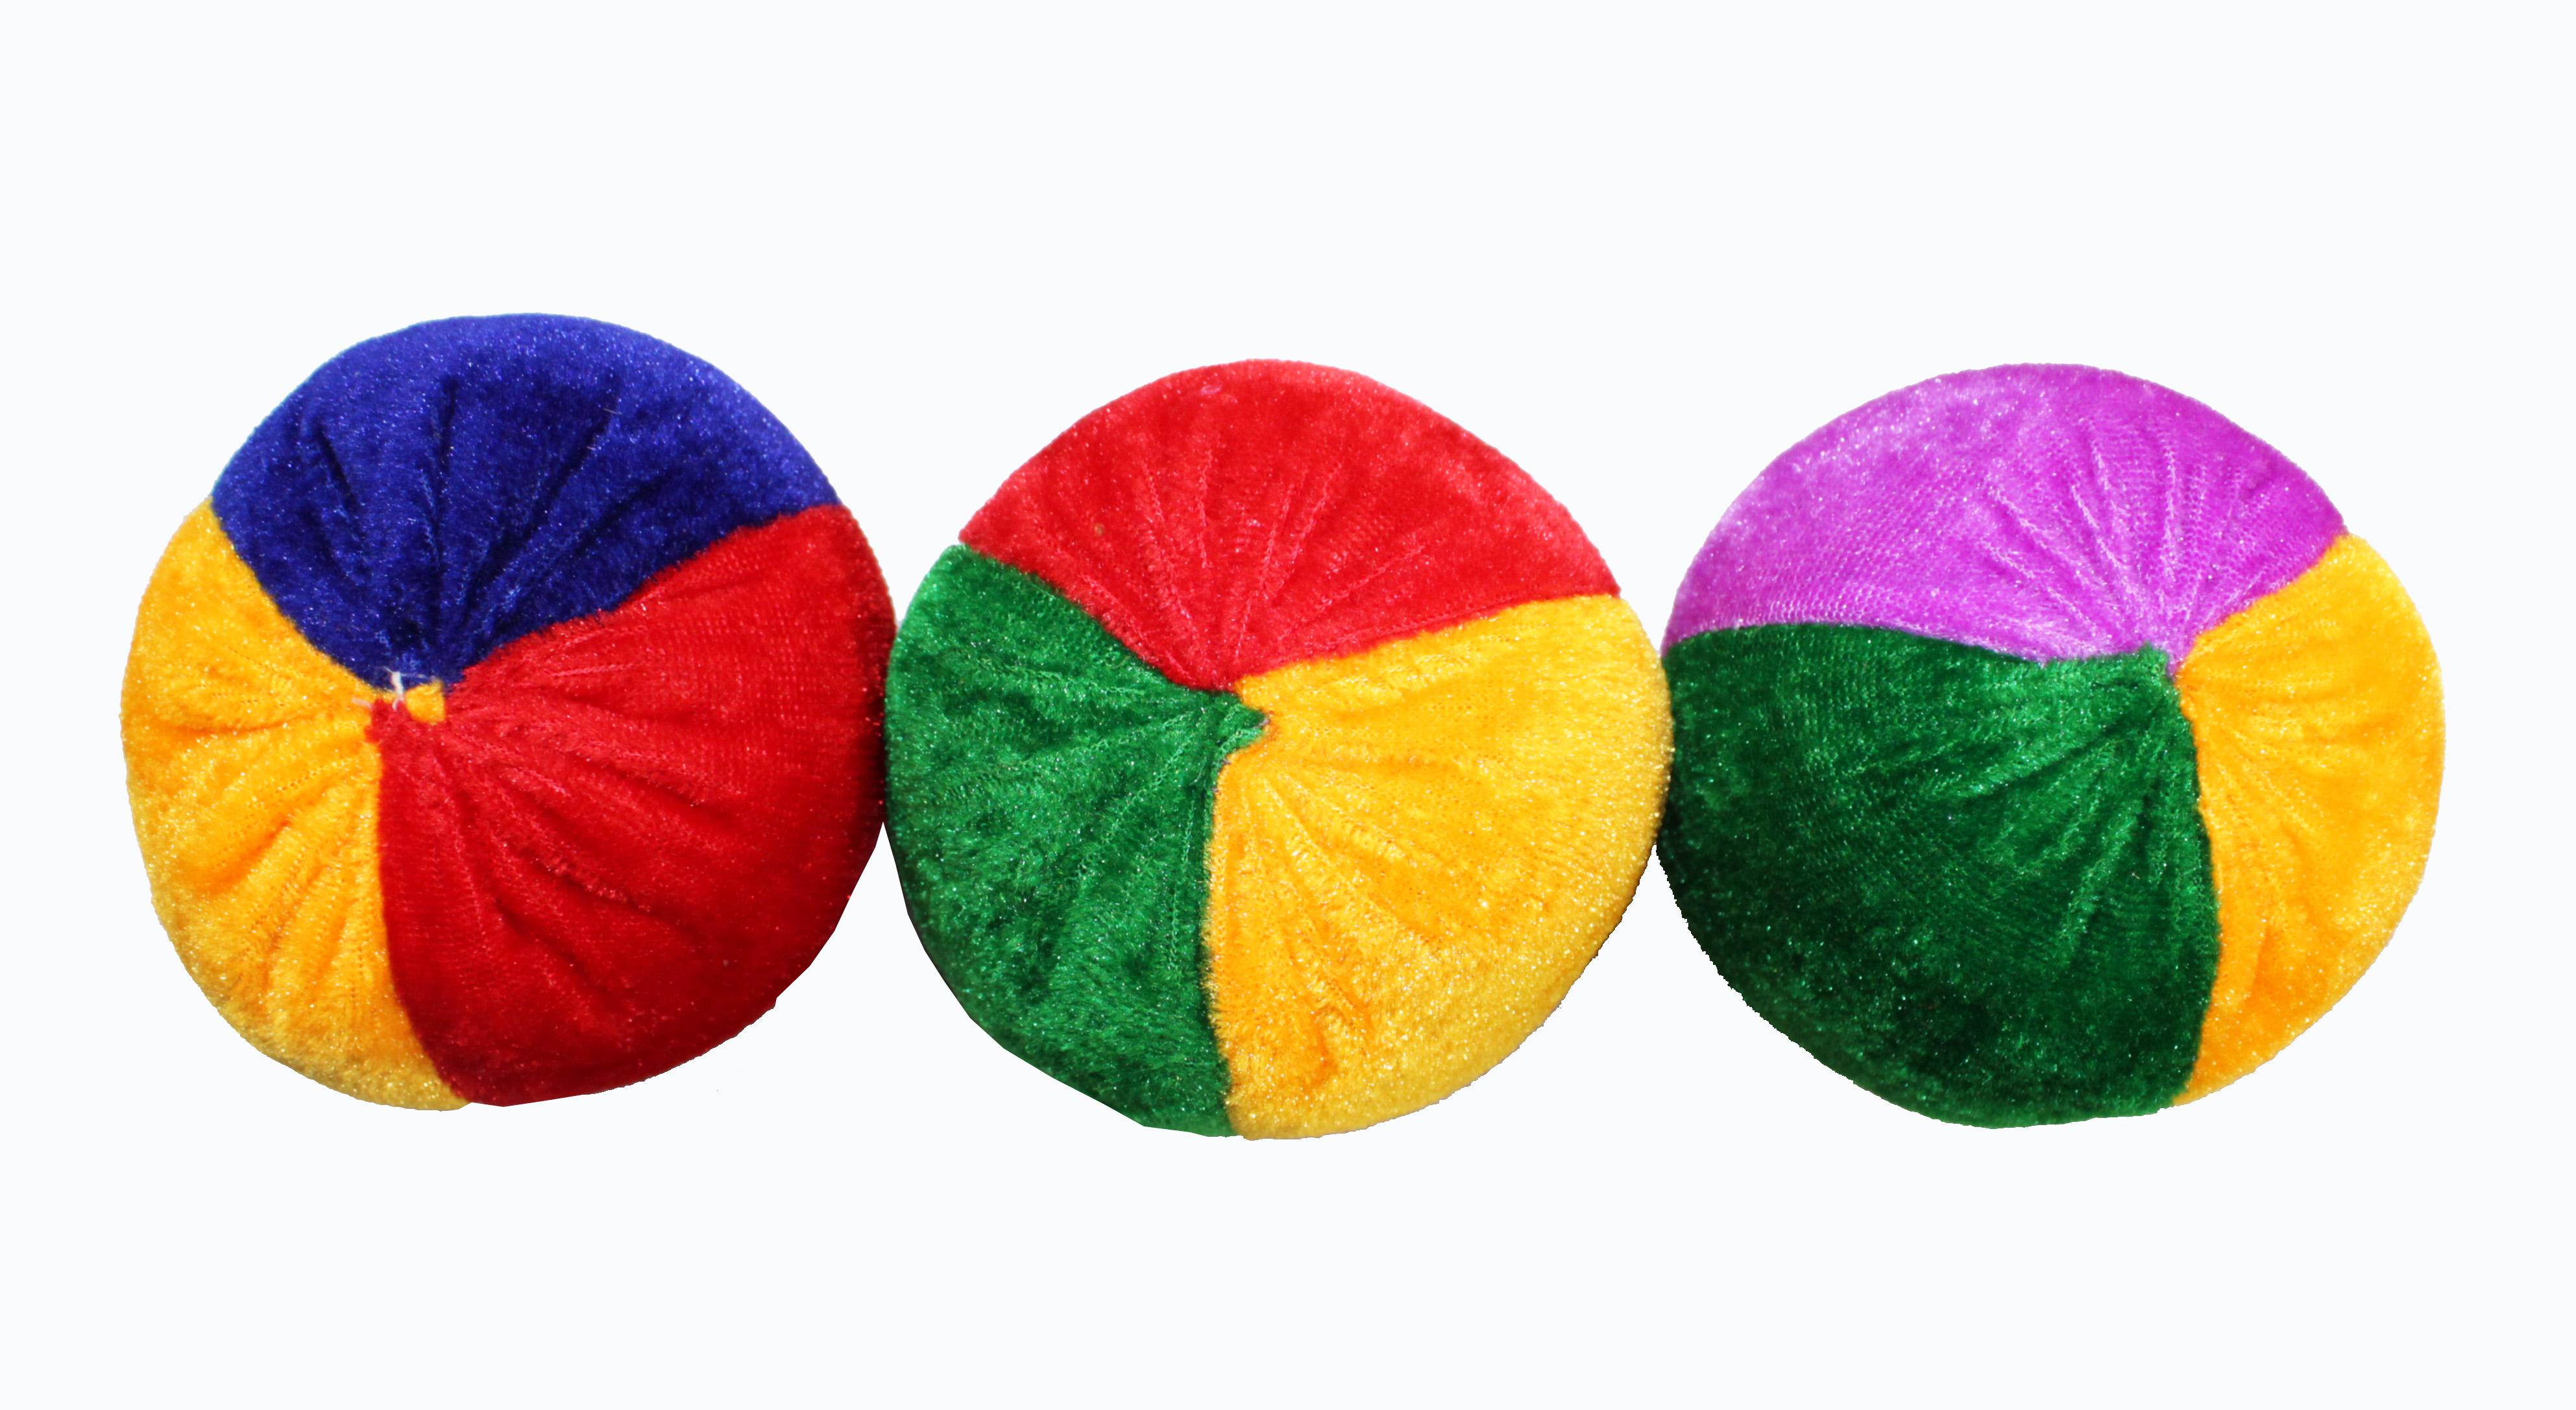 儿童沙包 幼儿园小学生丢沙包手工沙包亲子户外体育课布球玩具